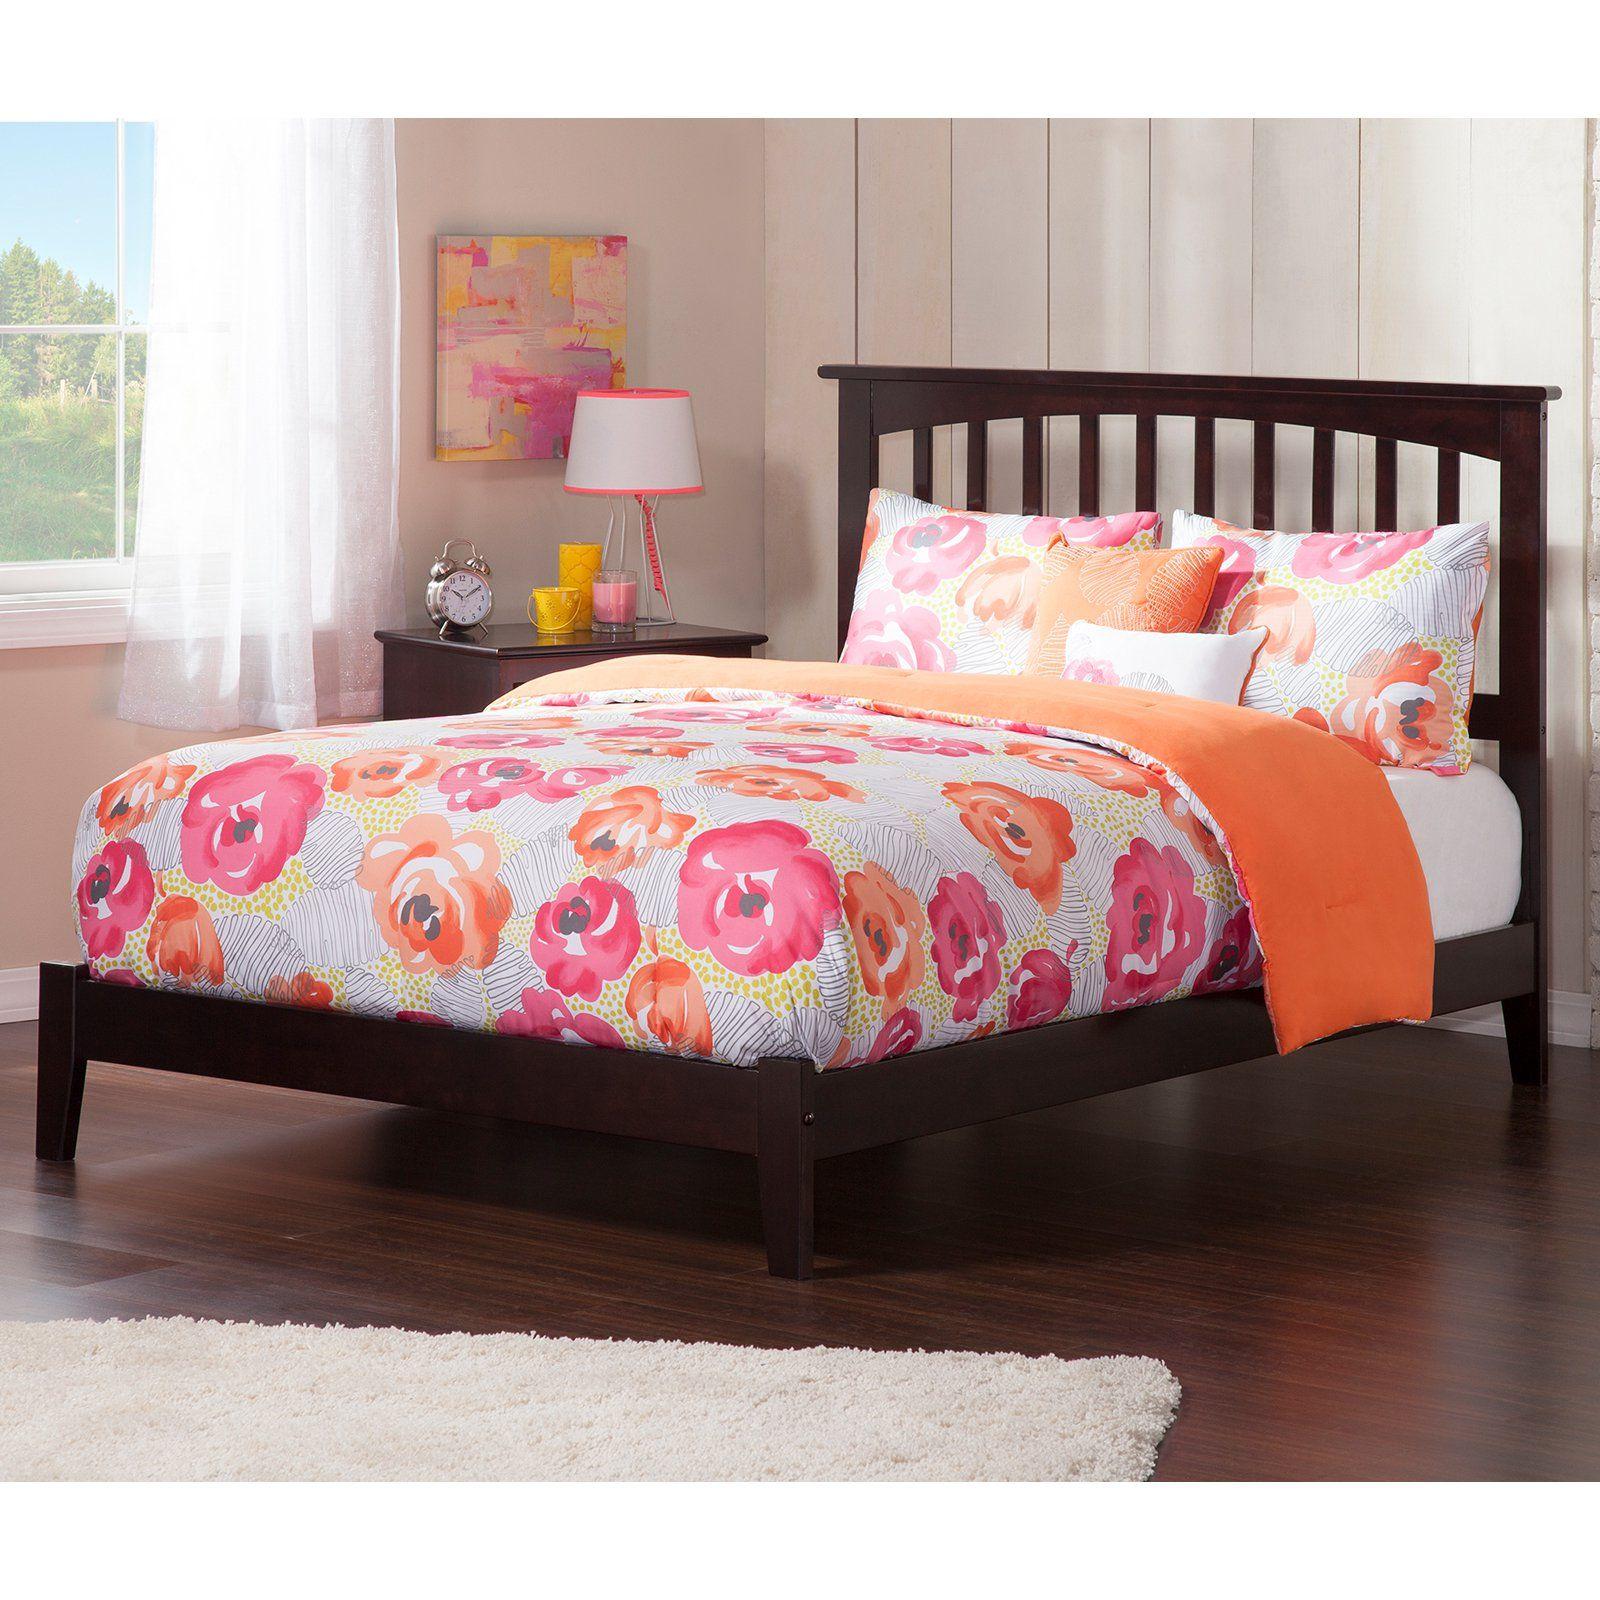 Atlantic Furniture Mission Traditional Platform Bed